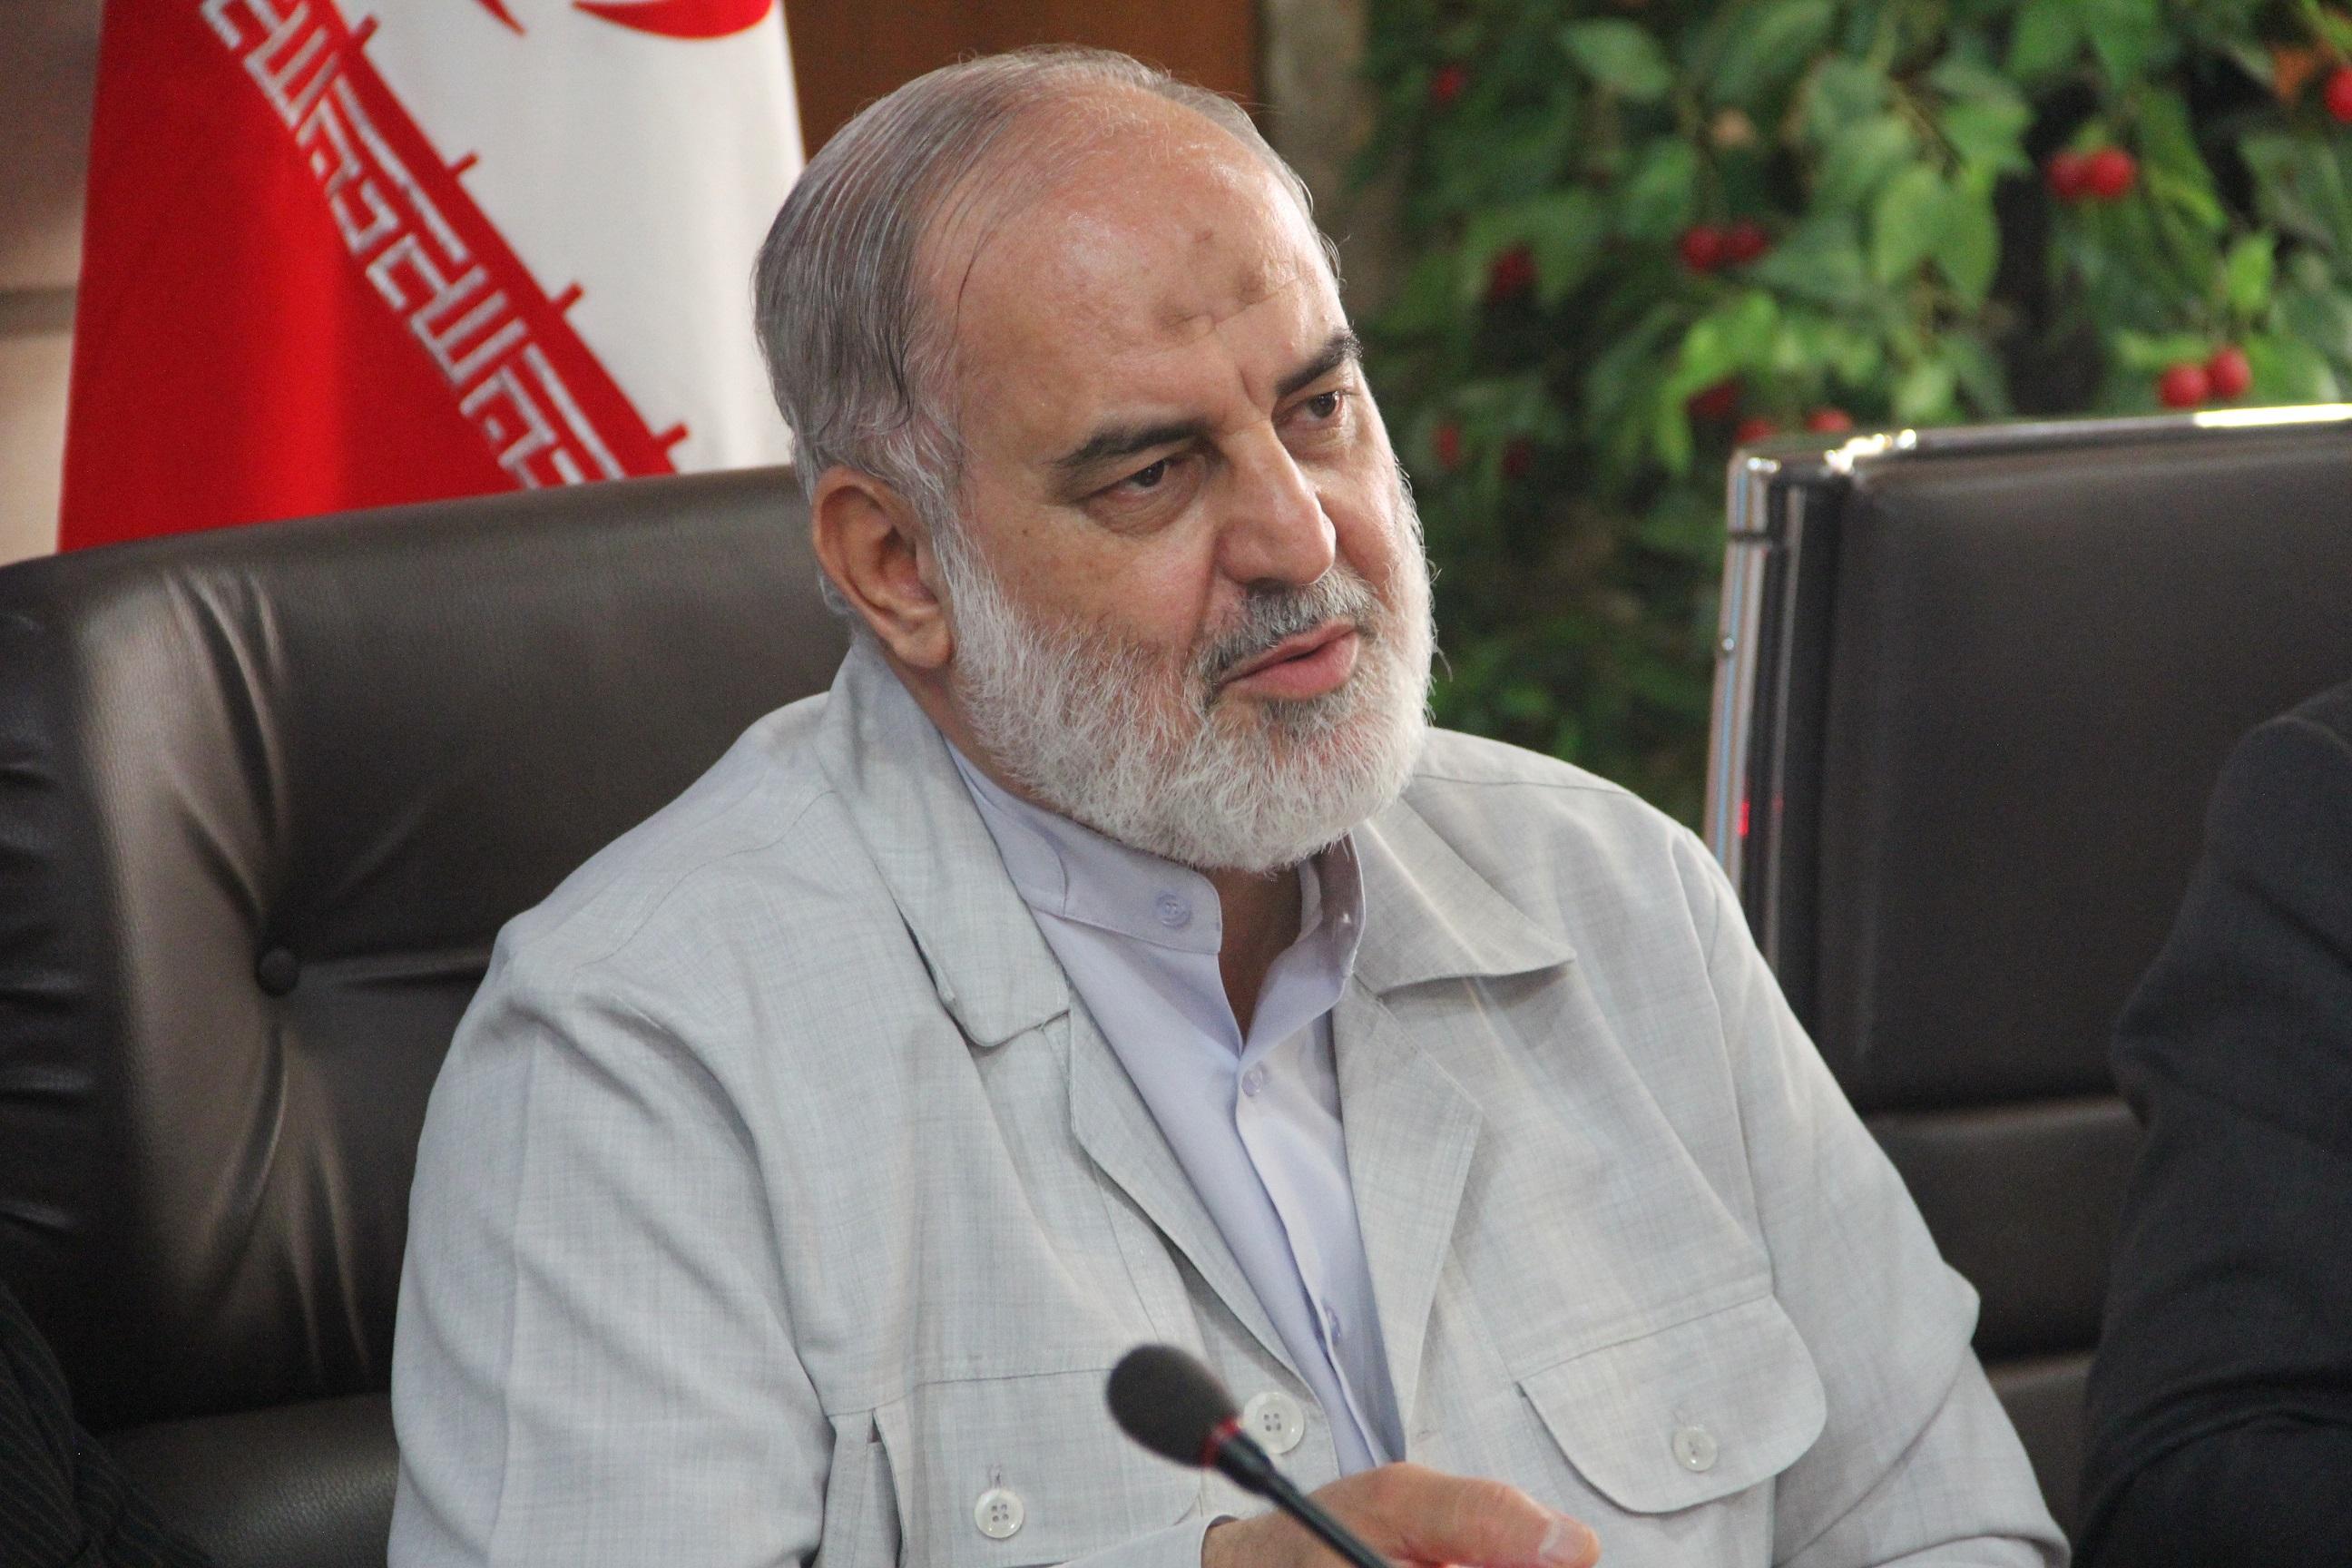 آغاز طرح تشدید پایش بازرسی بازار با حضور معاون وزیر در استان هرمزگان